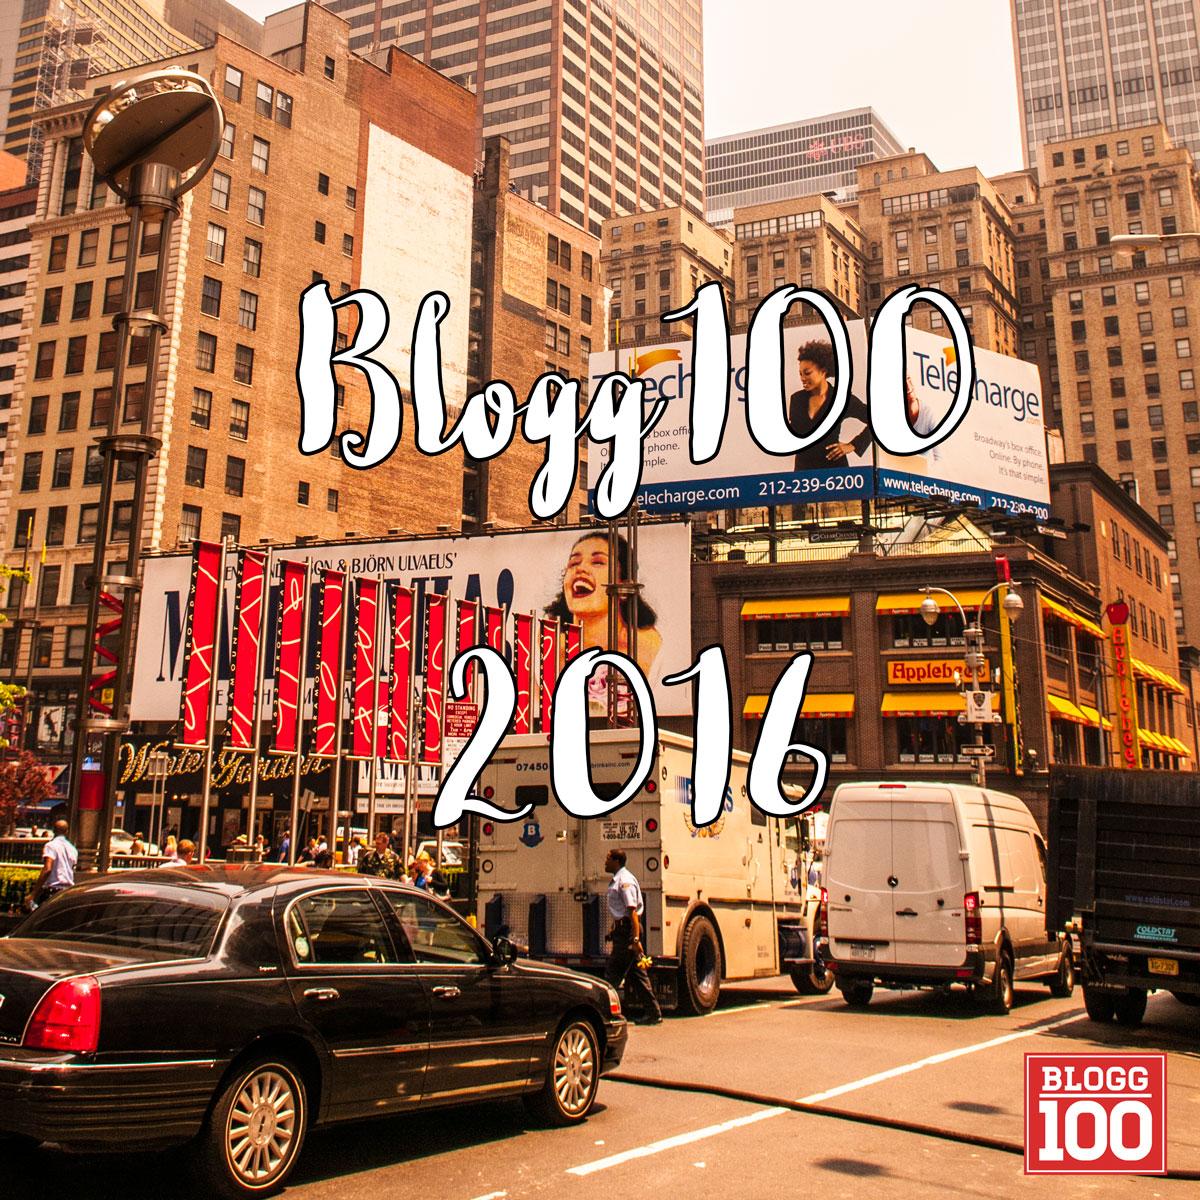 Stockholm, en stor stad, ingen storstad. #blogg100 #fb